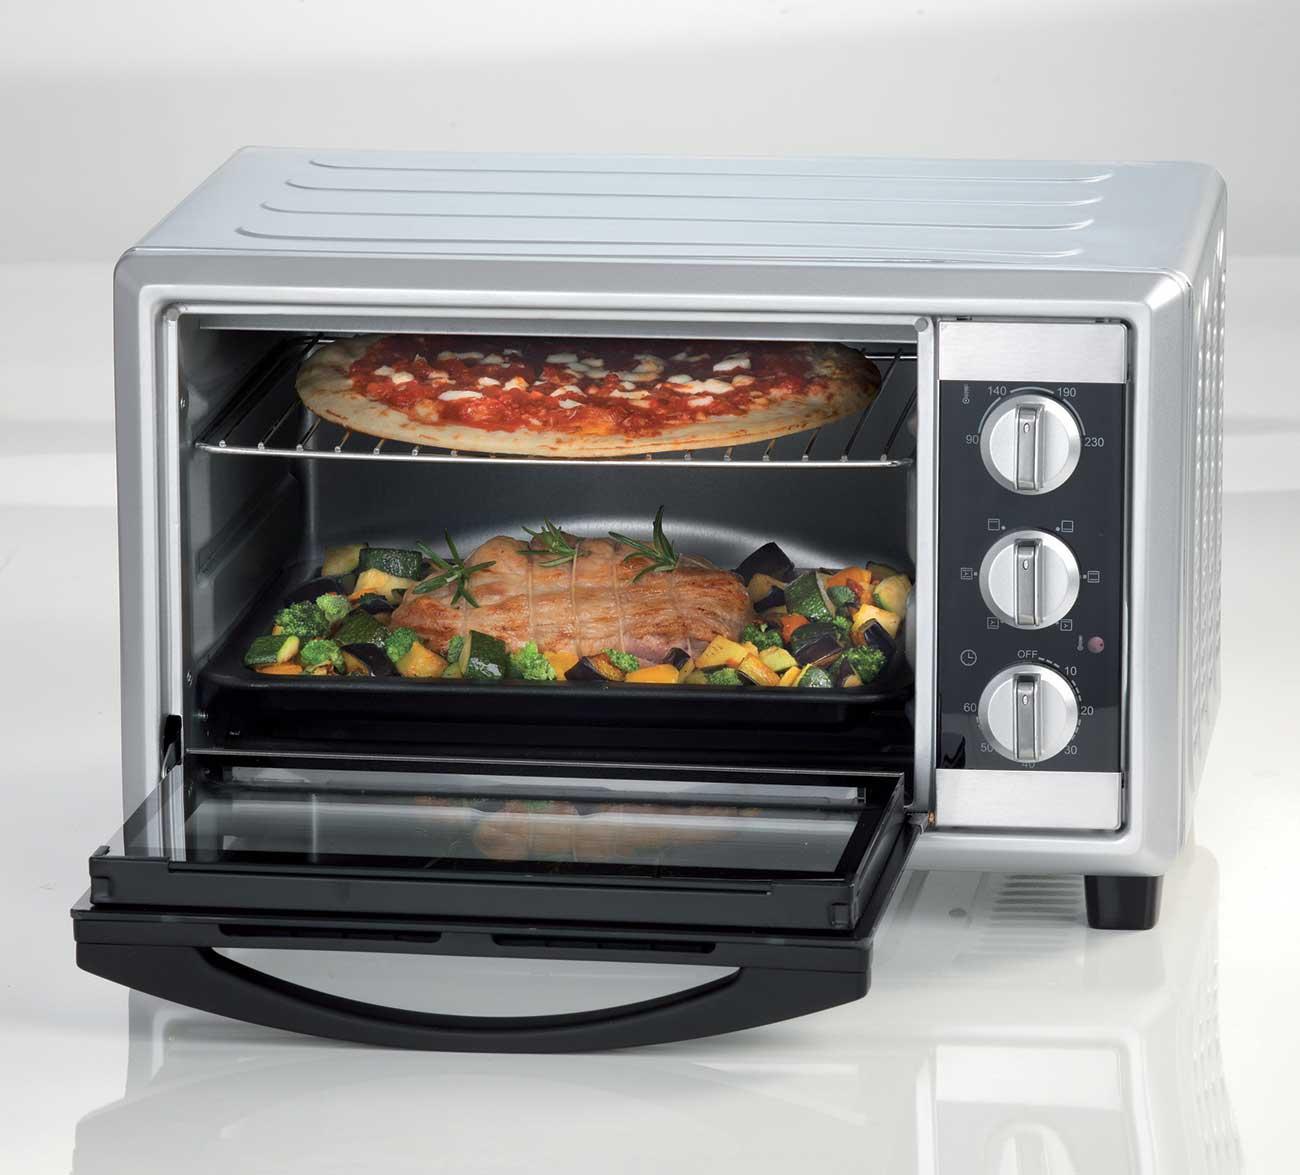 Bon cuisine 250 un 39 occasione al giorno piccoli for Ariete bon cuisine 250 metal